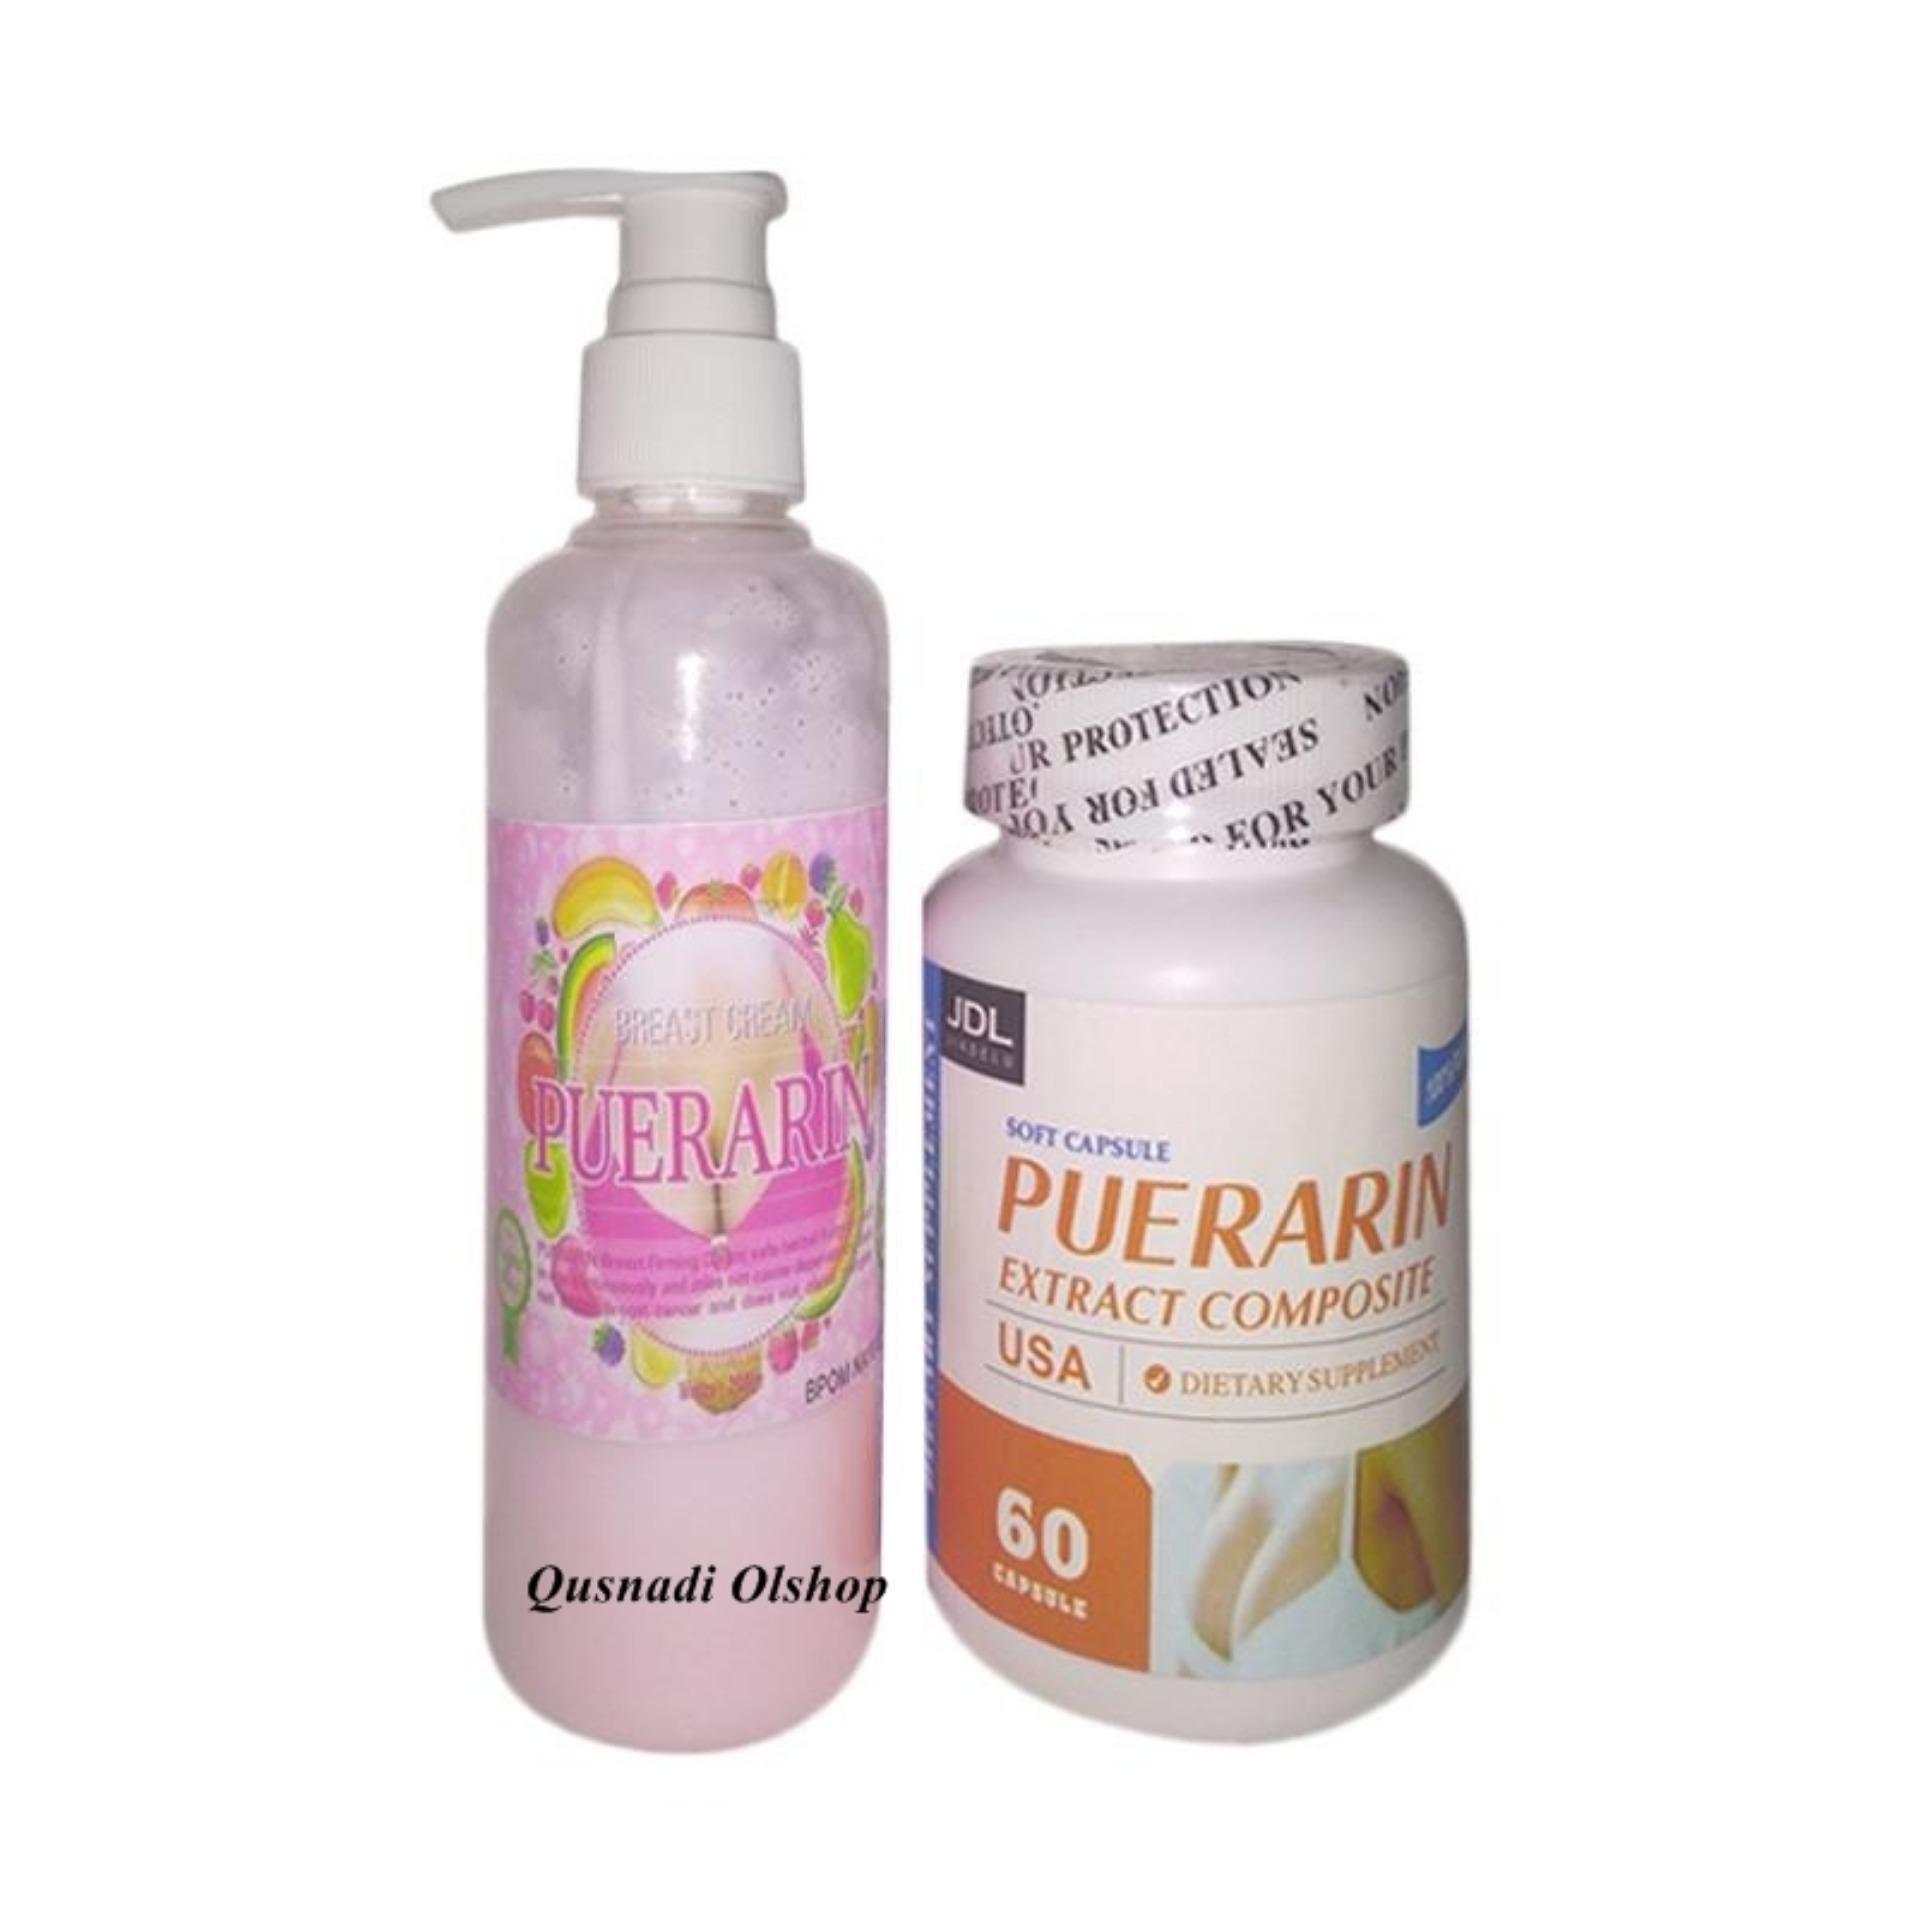 Puerarin Capsul dan Cream Paket Yang Paling Laris Pembesar Payudara Garansi Anti Gagal Obat Herbal Alami Pembesar dan Pengencang Montok Payudara Paling laris dan Murah Asli Original Kesehatan Perawatan Payudara Indah